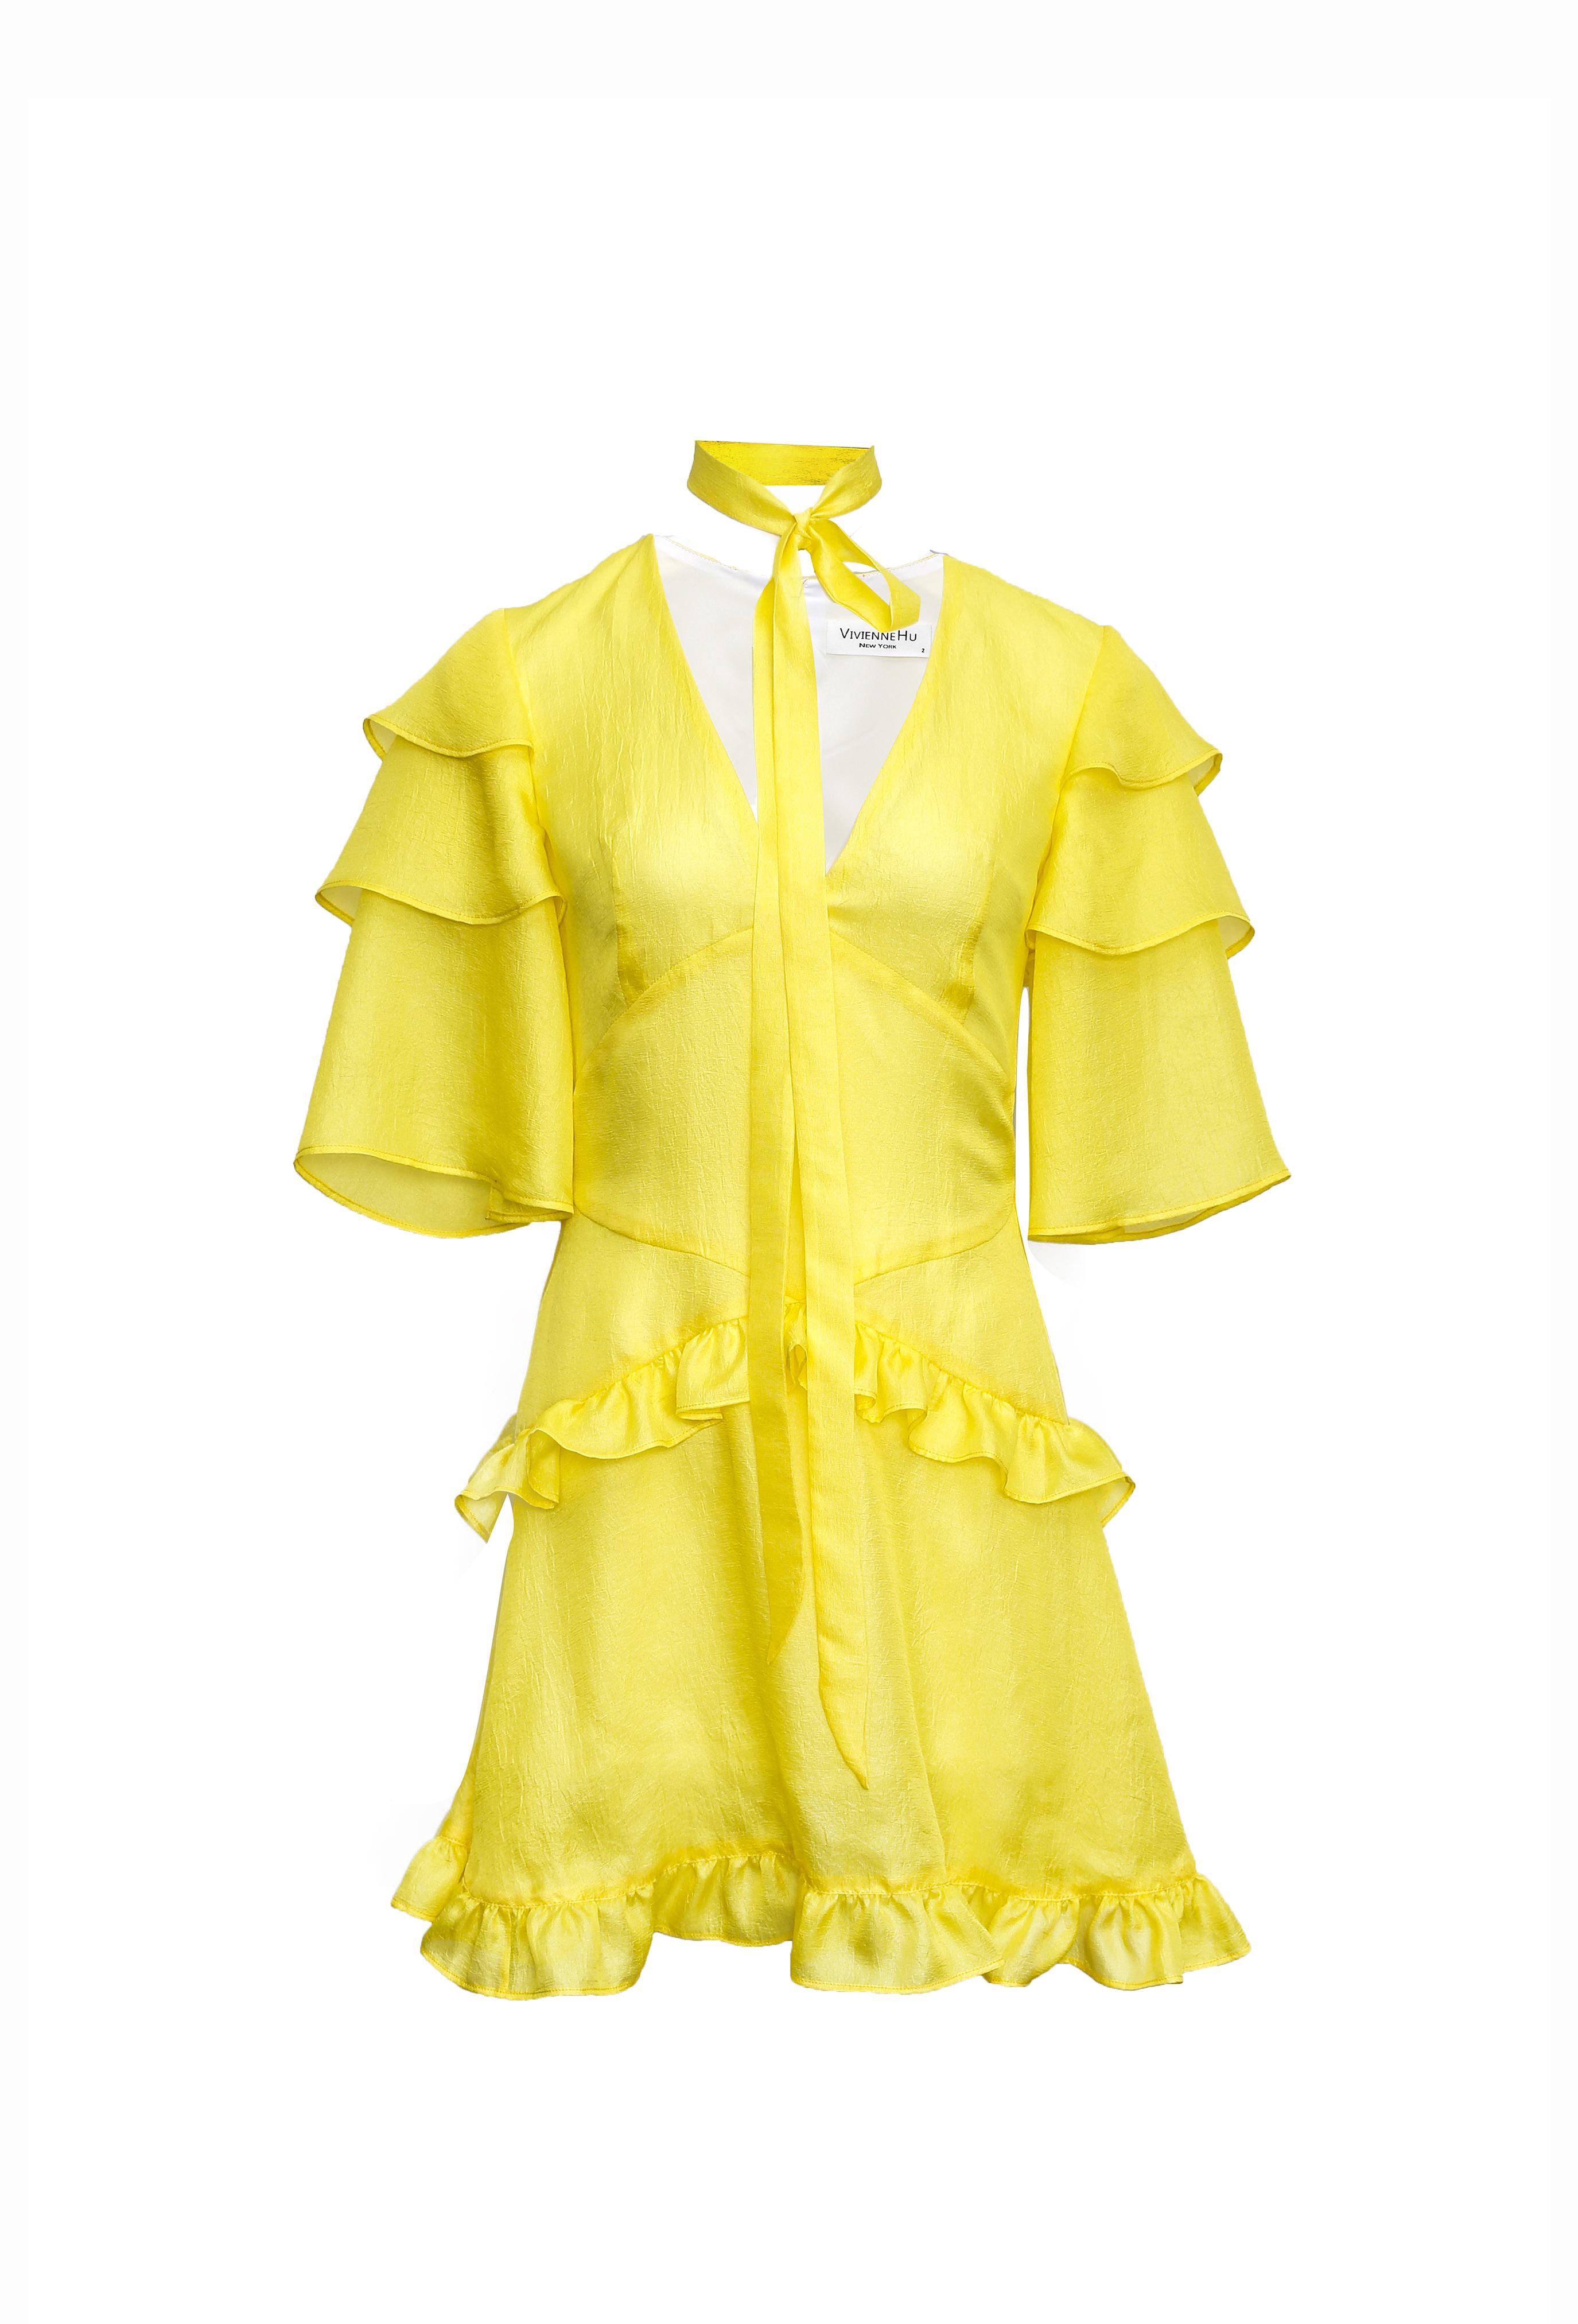 Yellow Chiffon Ruffle Dress